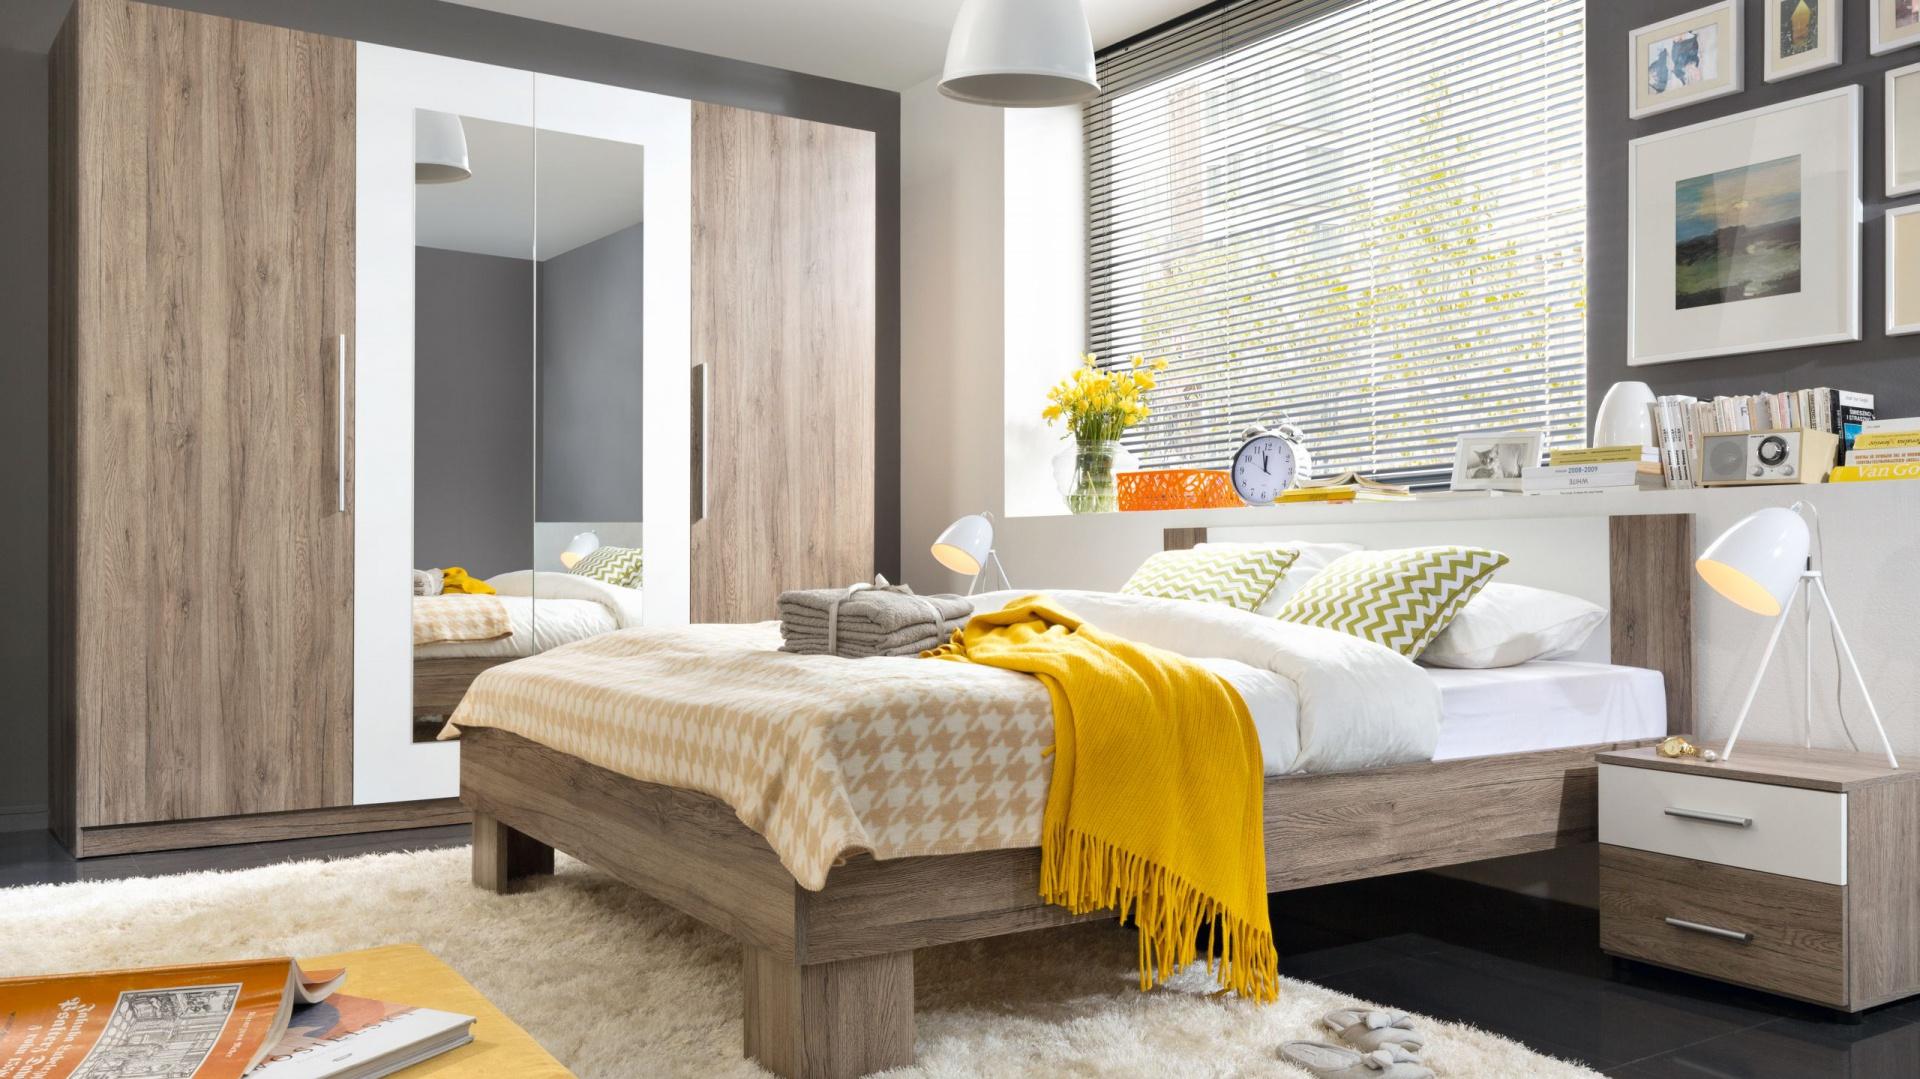 Meble do sypialni Martina marki Black Red White z silnym wpływem stylu modern pomogą w kreacji przestrzeni idealnej do odpoczynku. Najmodniejsze zestawienie kolorystyczne ciepłego wybarwienia drewna z ponadczasową bielą. Fot. Black Red White.